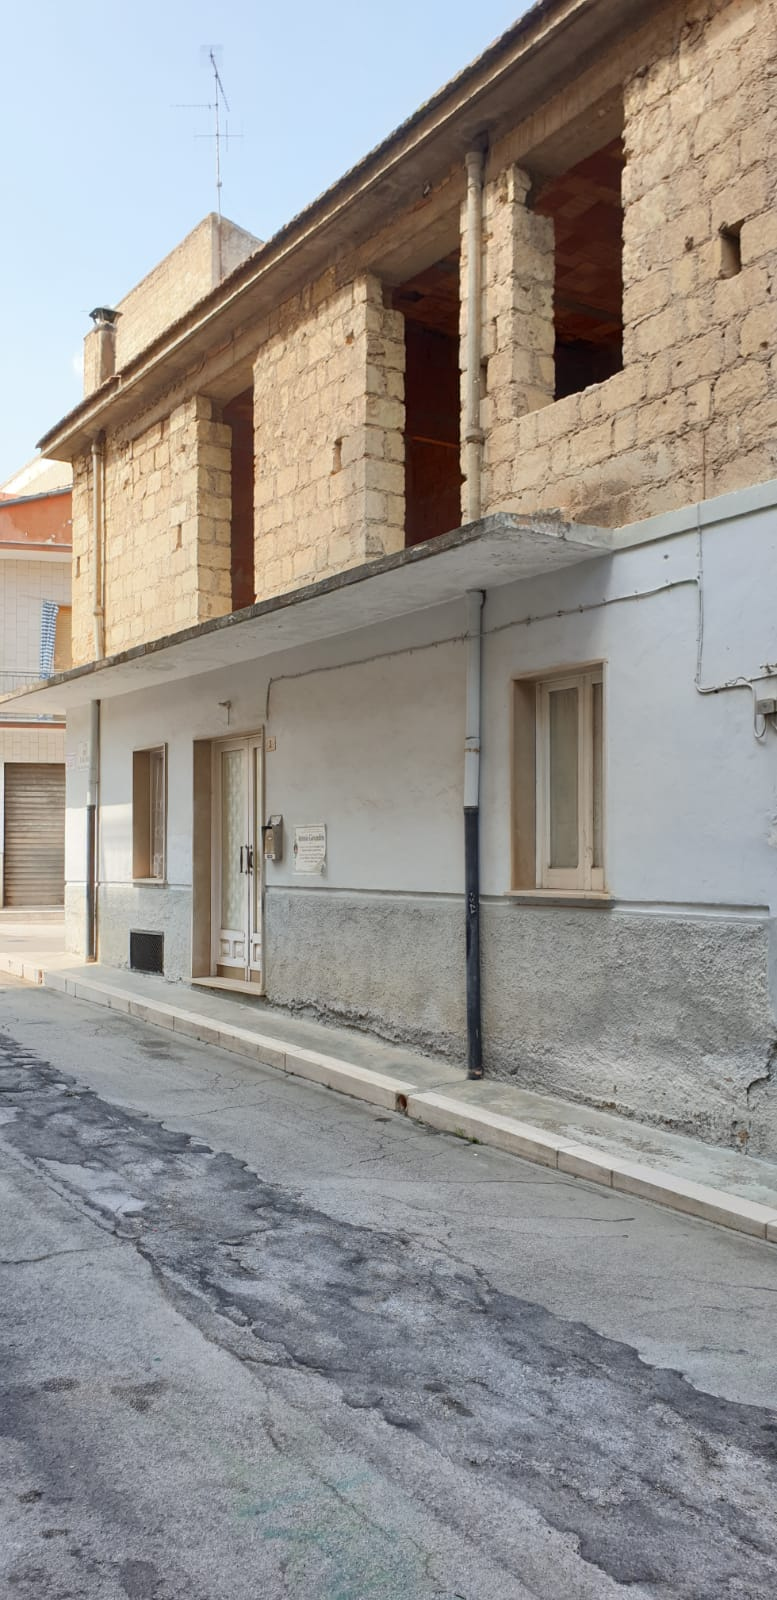 Soluzione Indipendente in vendita a San Nicandro Garganico, 3 locali, zona Località: BOSCHETTO, prezzo € 35.000   CambioCasa.it